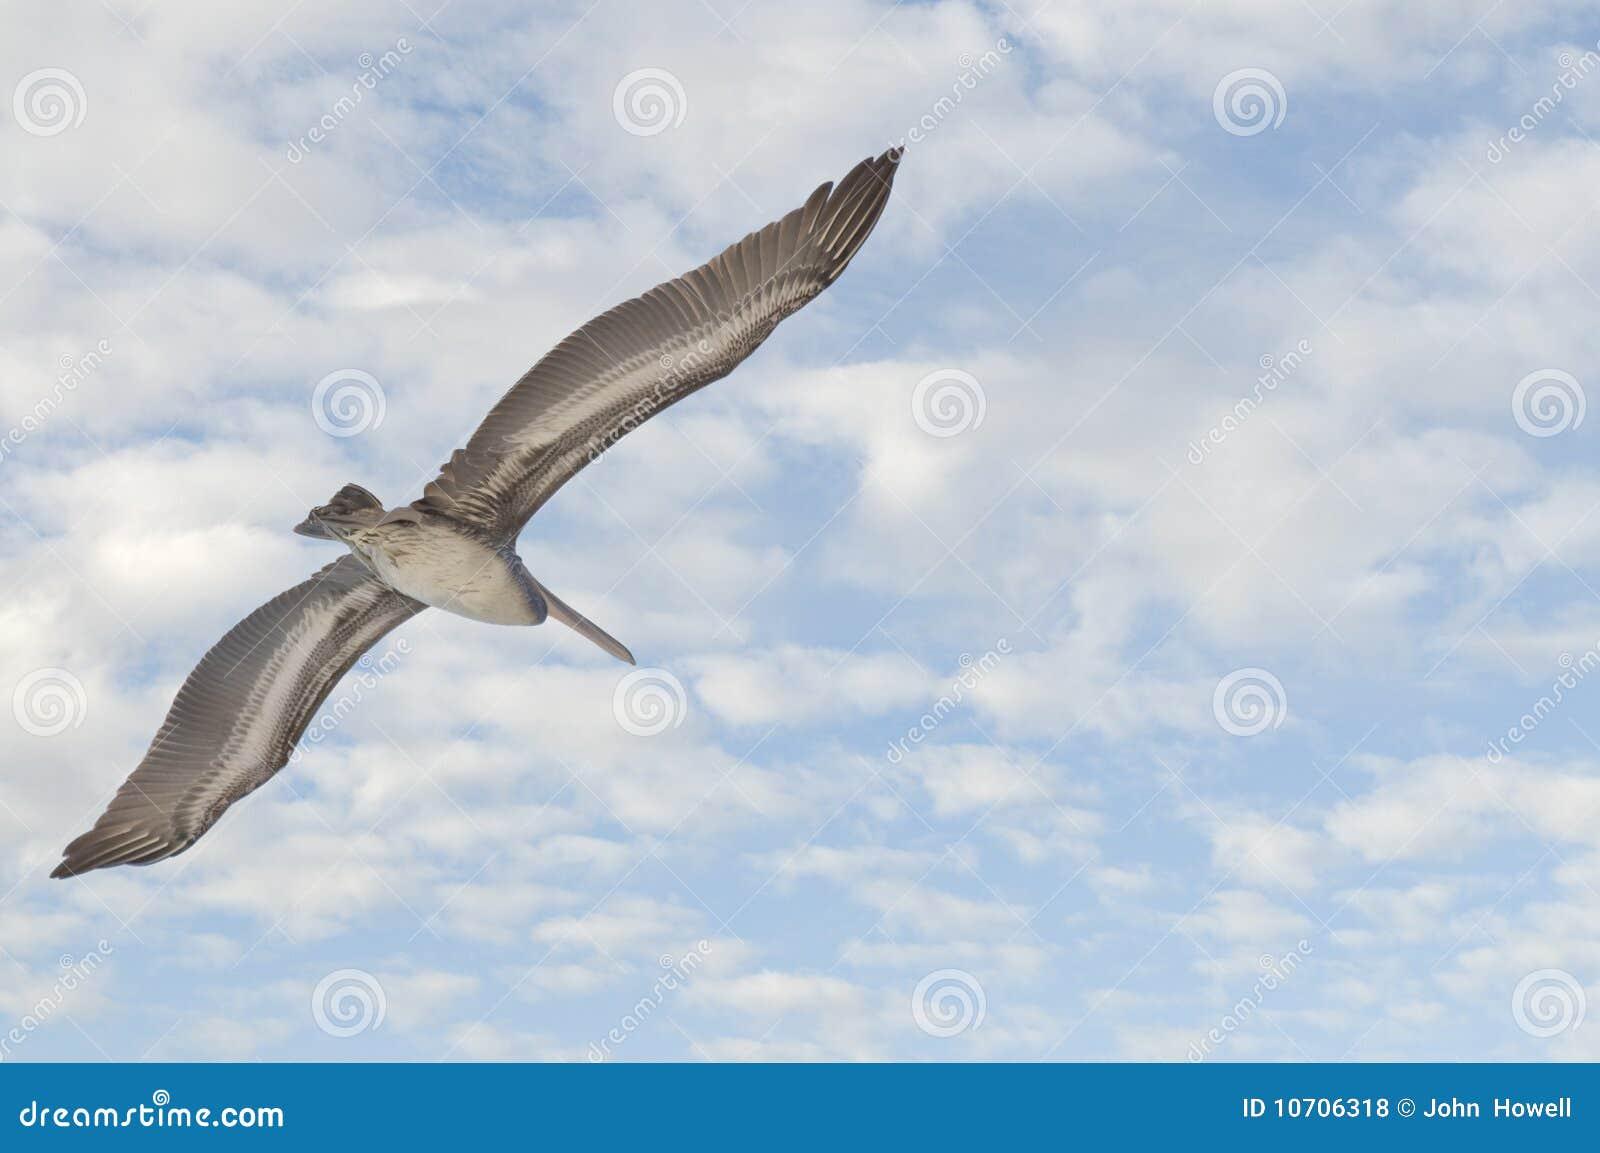 Pelican flying in sky